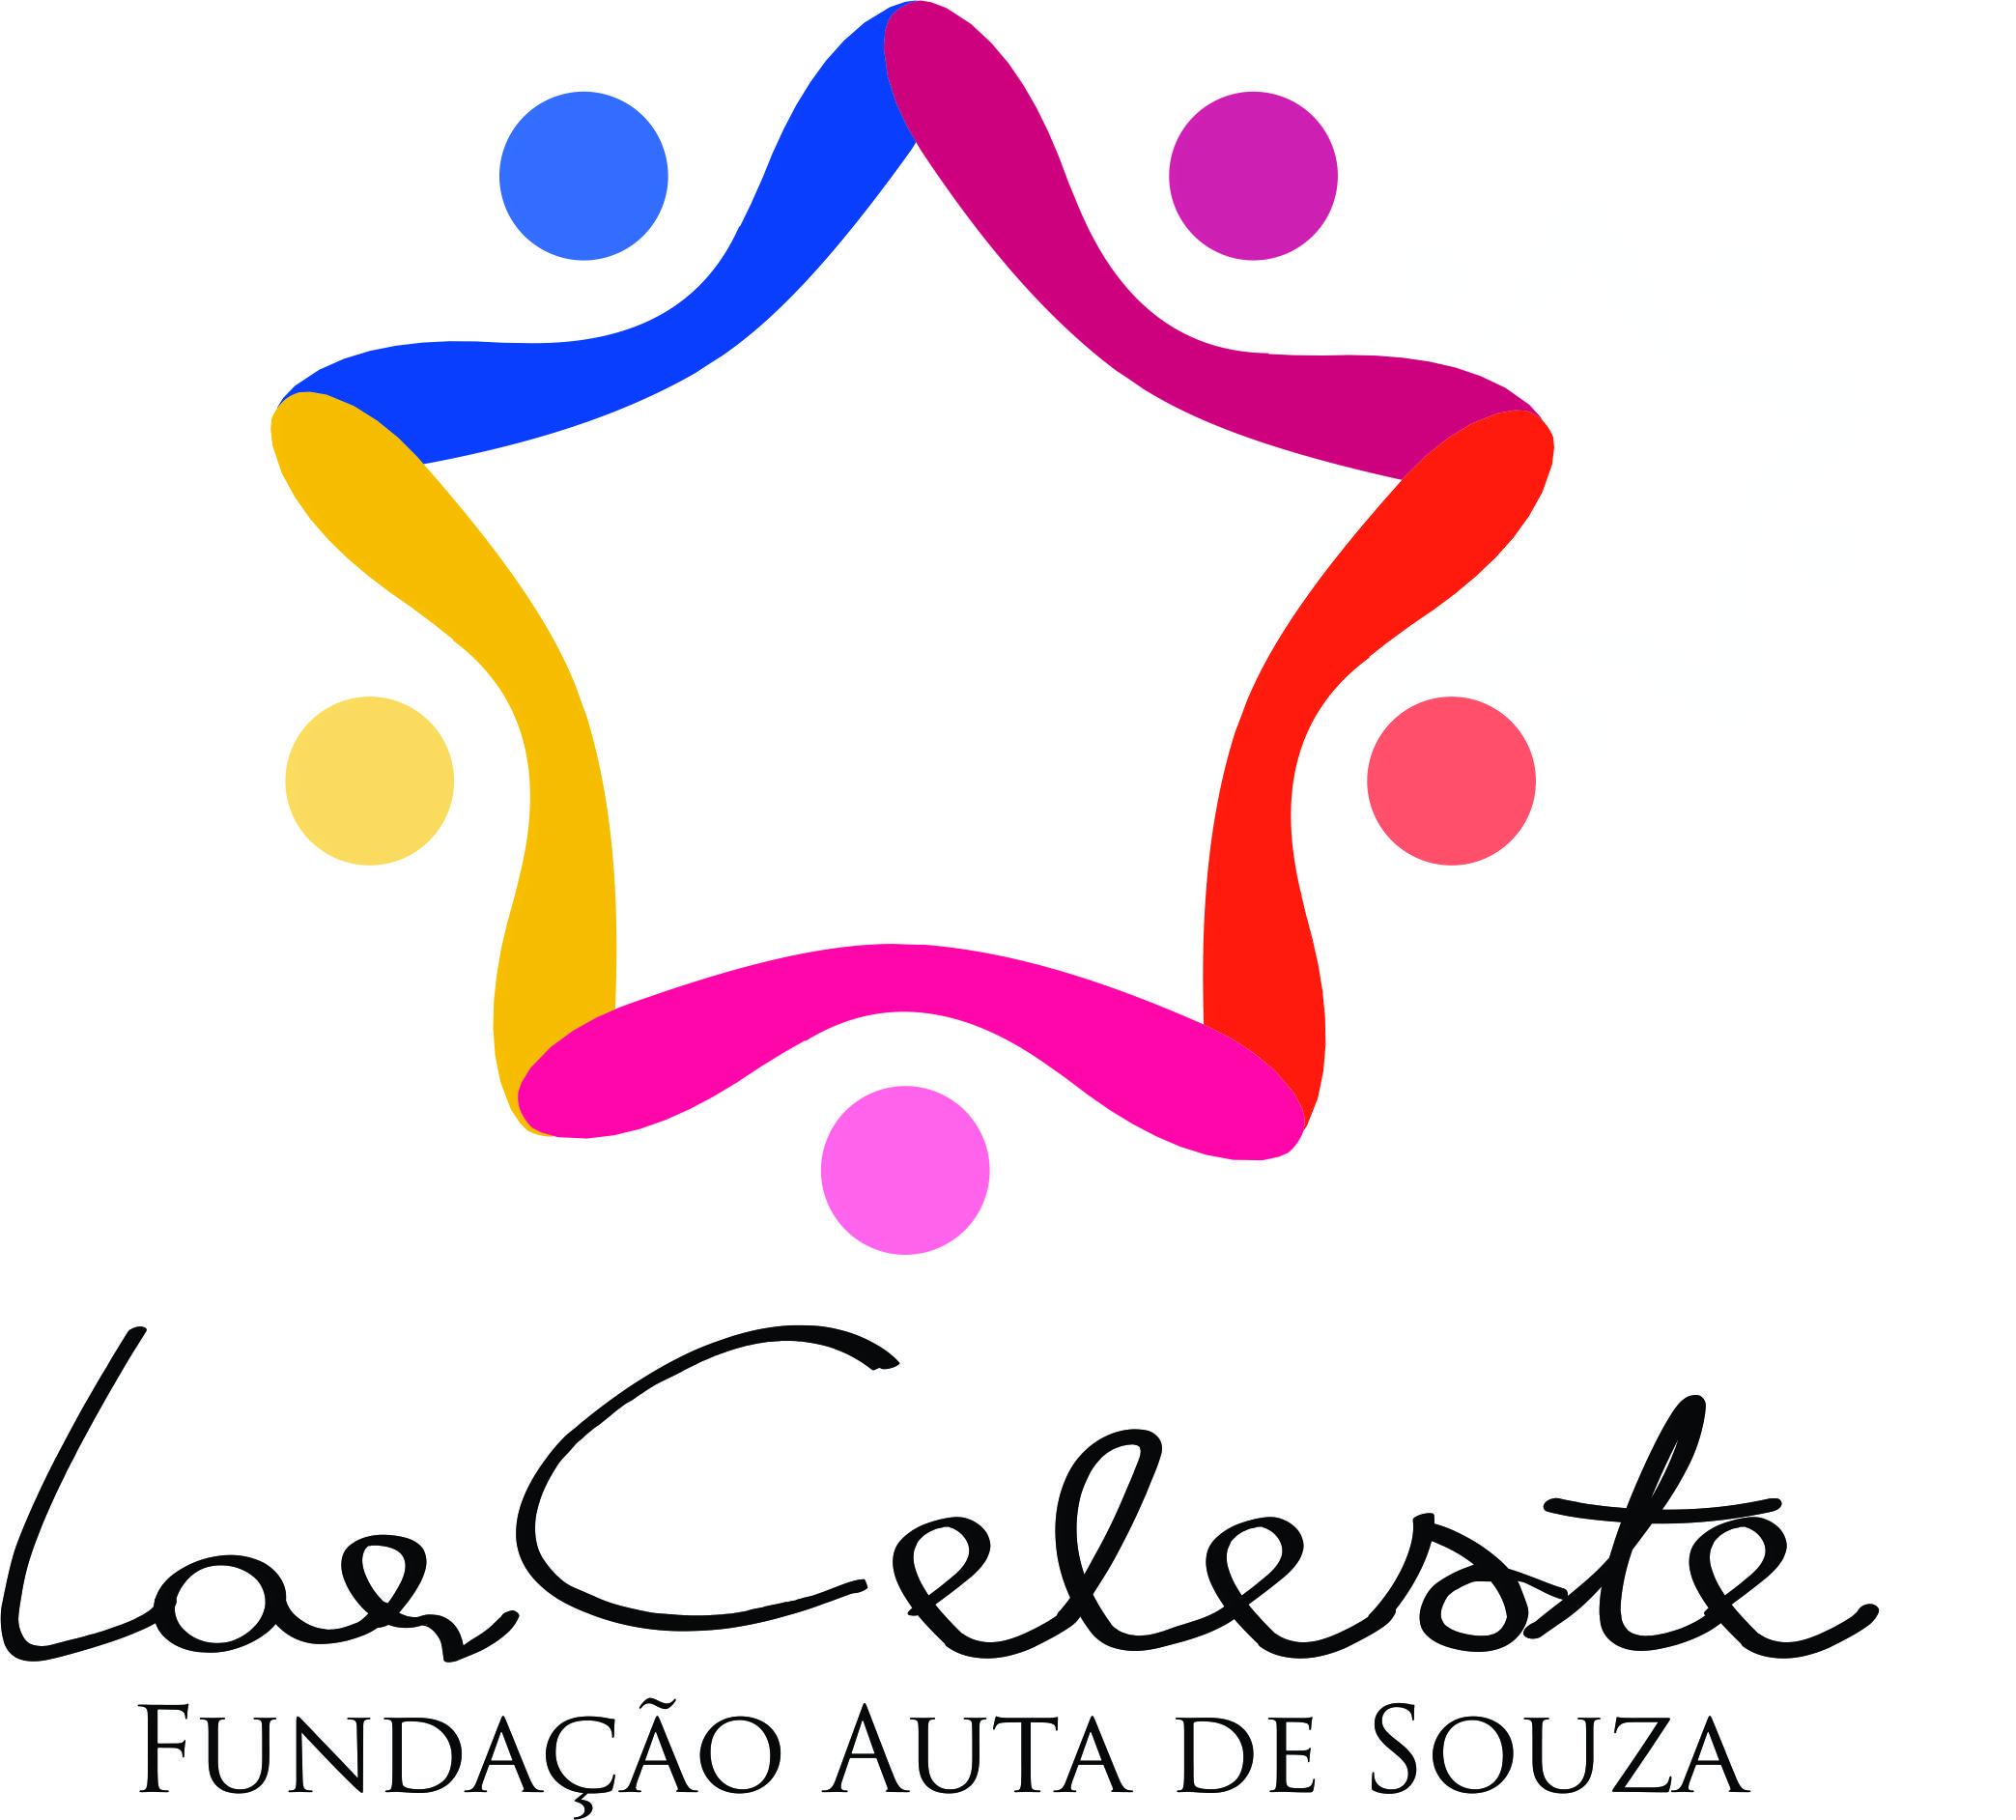 Fundação Lar Celeste Auta de Souza